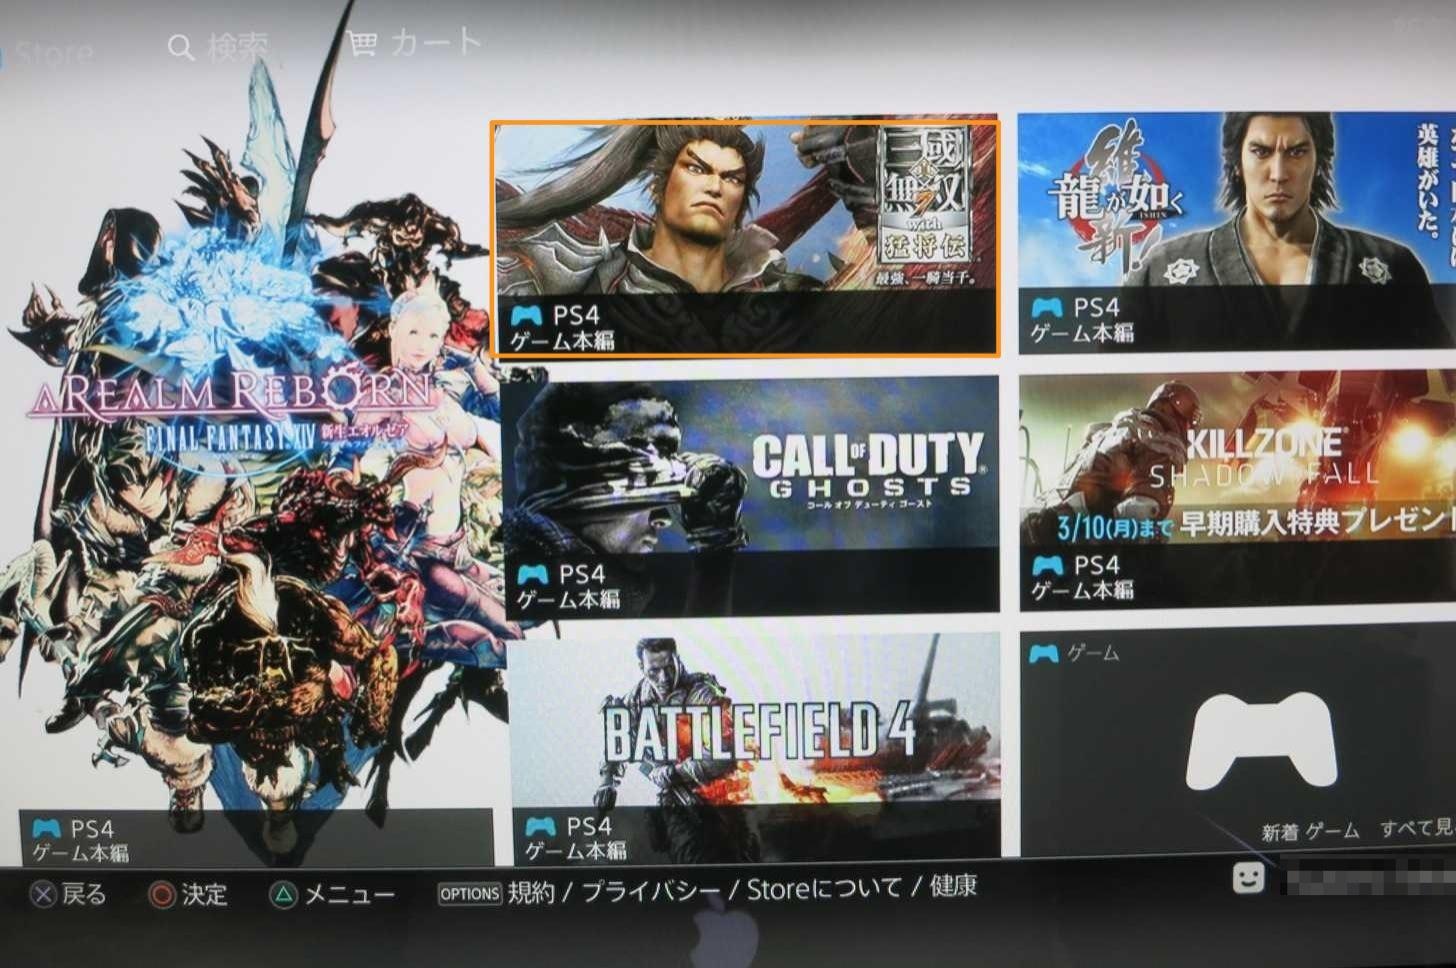 PS4版の真・三国無双7 with 猛将伝